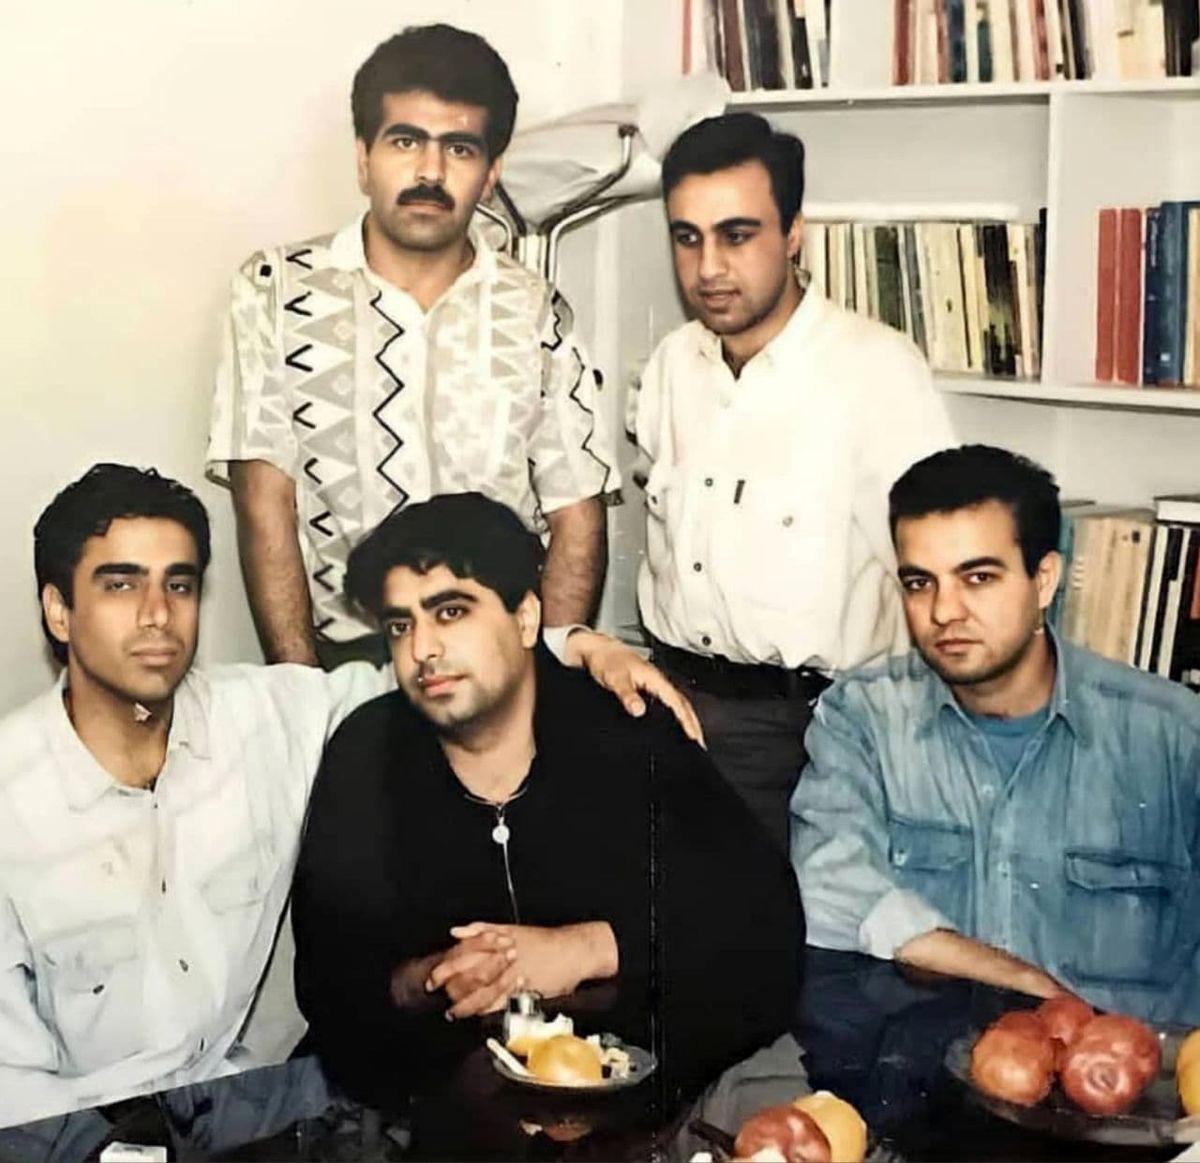 عکسی خاص از بازیگران معروف طنز ایرانی در سال ۷۳